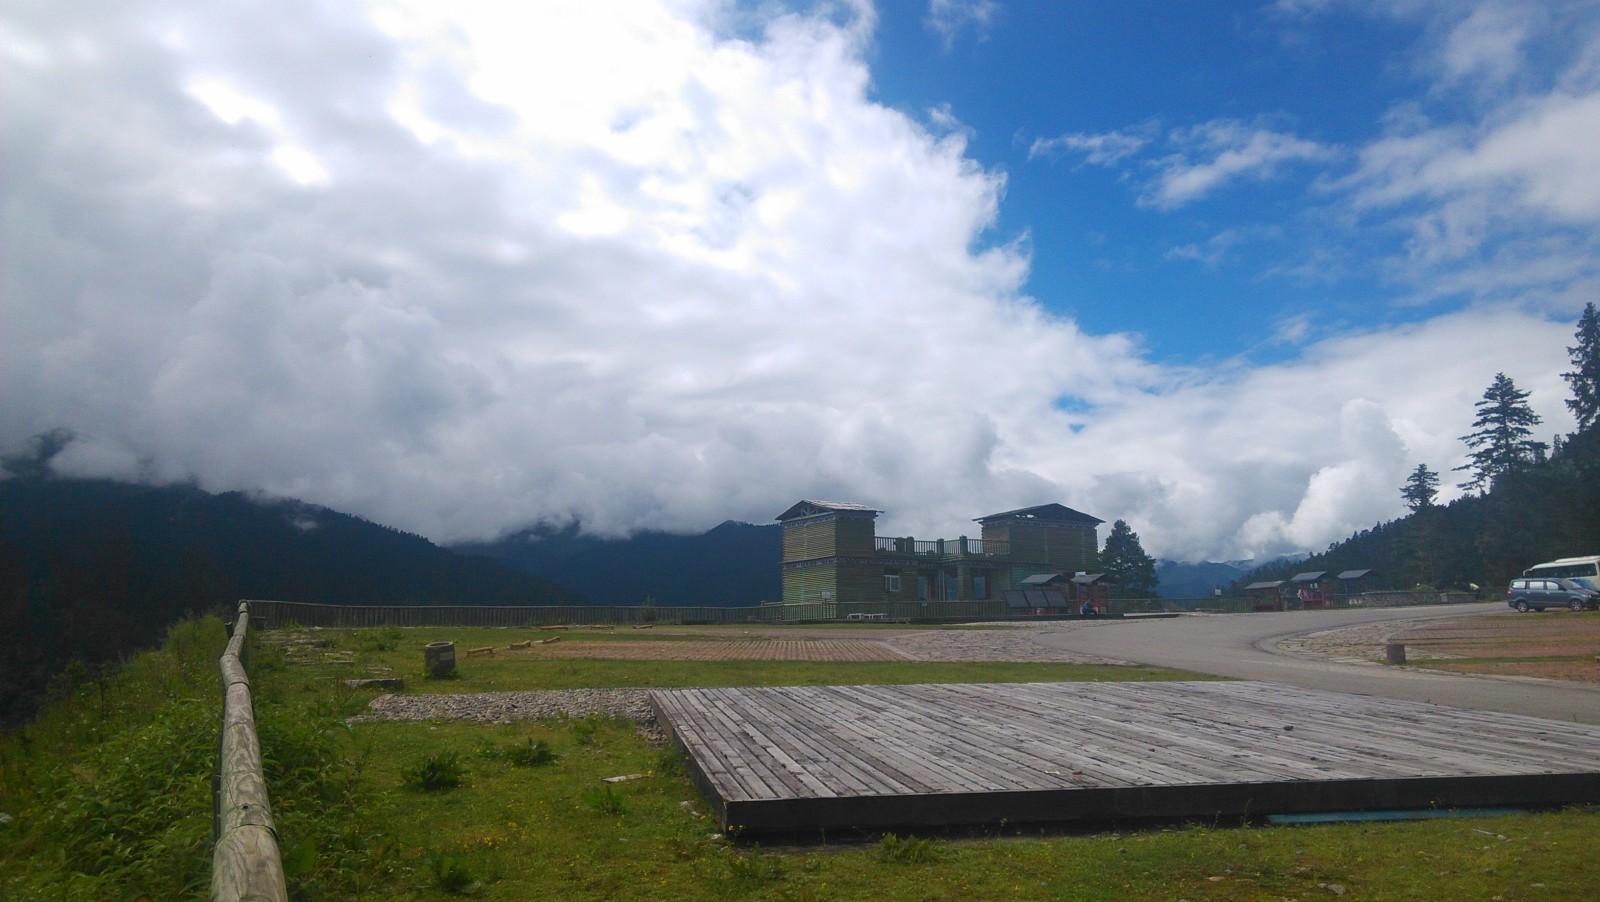 观景台,山的对面在下雨,这边是蓝天白云